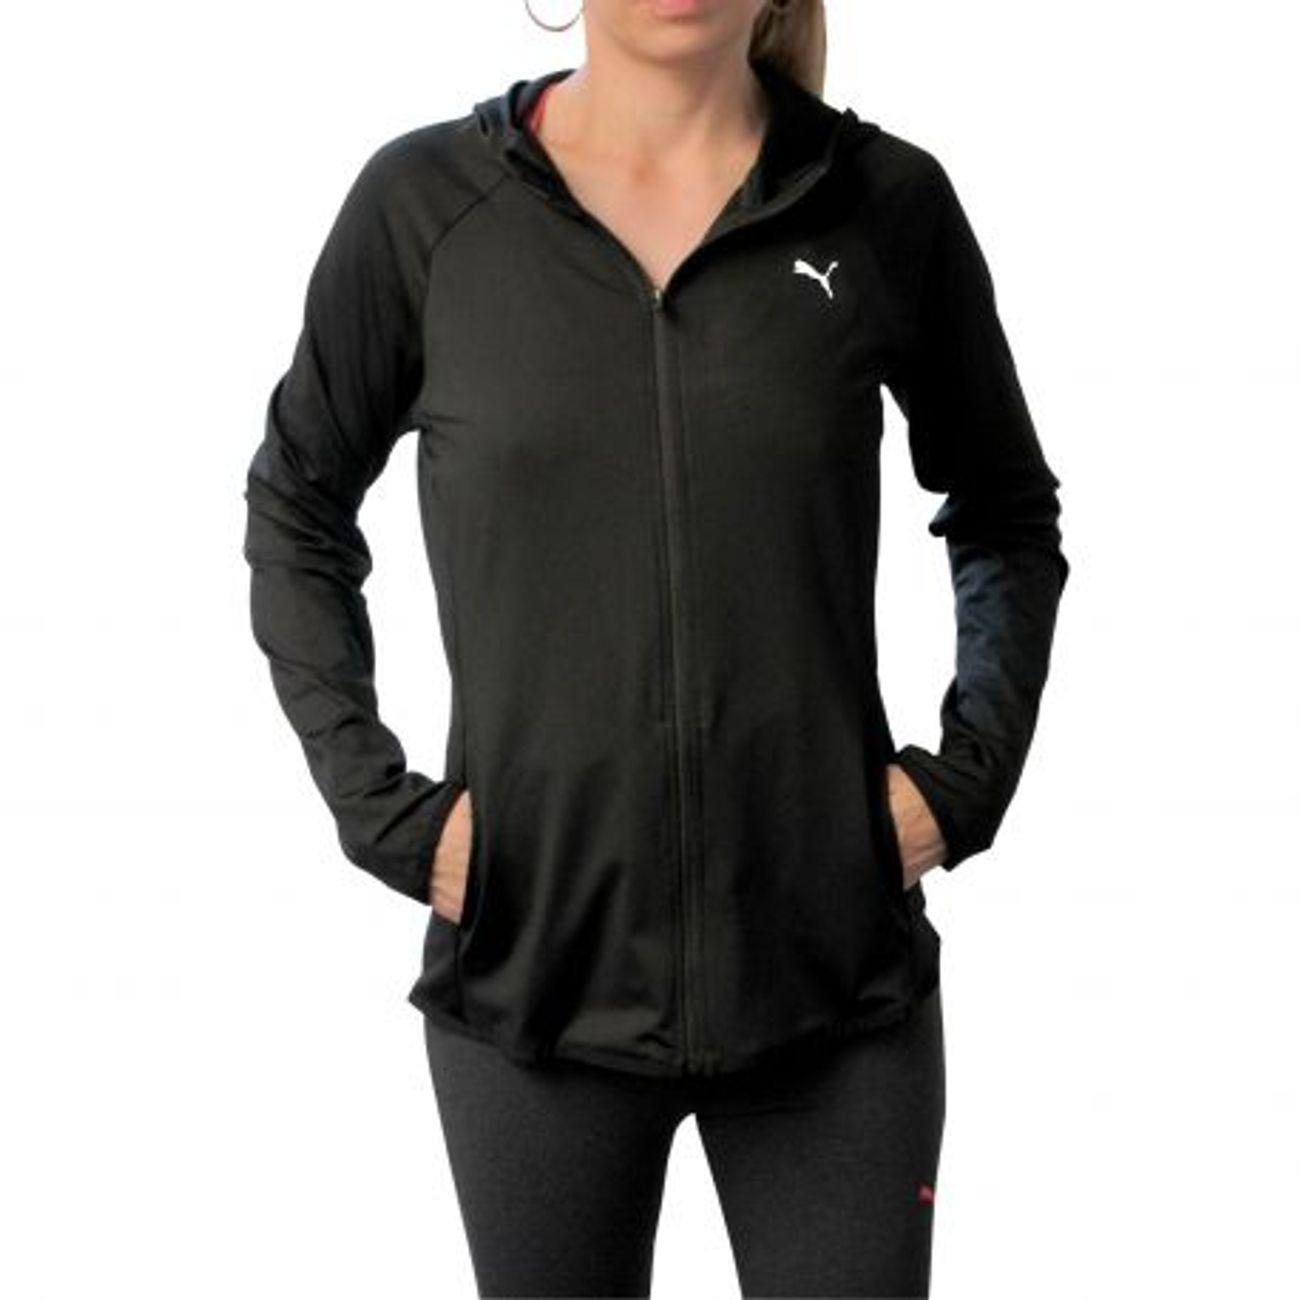 veste de surv tement femme puma achat et prix pas cher go sport. Black Bedroom Furniture Sets. Home Design Ideas